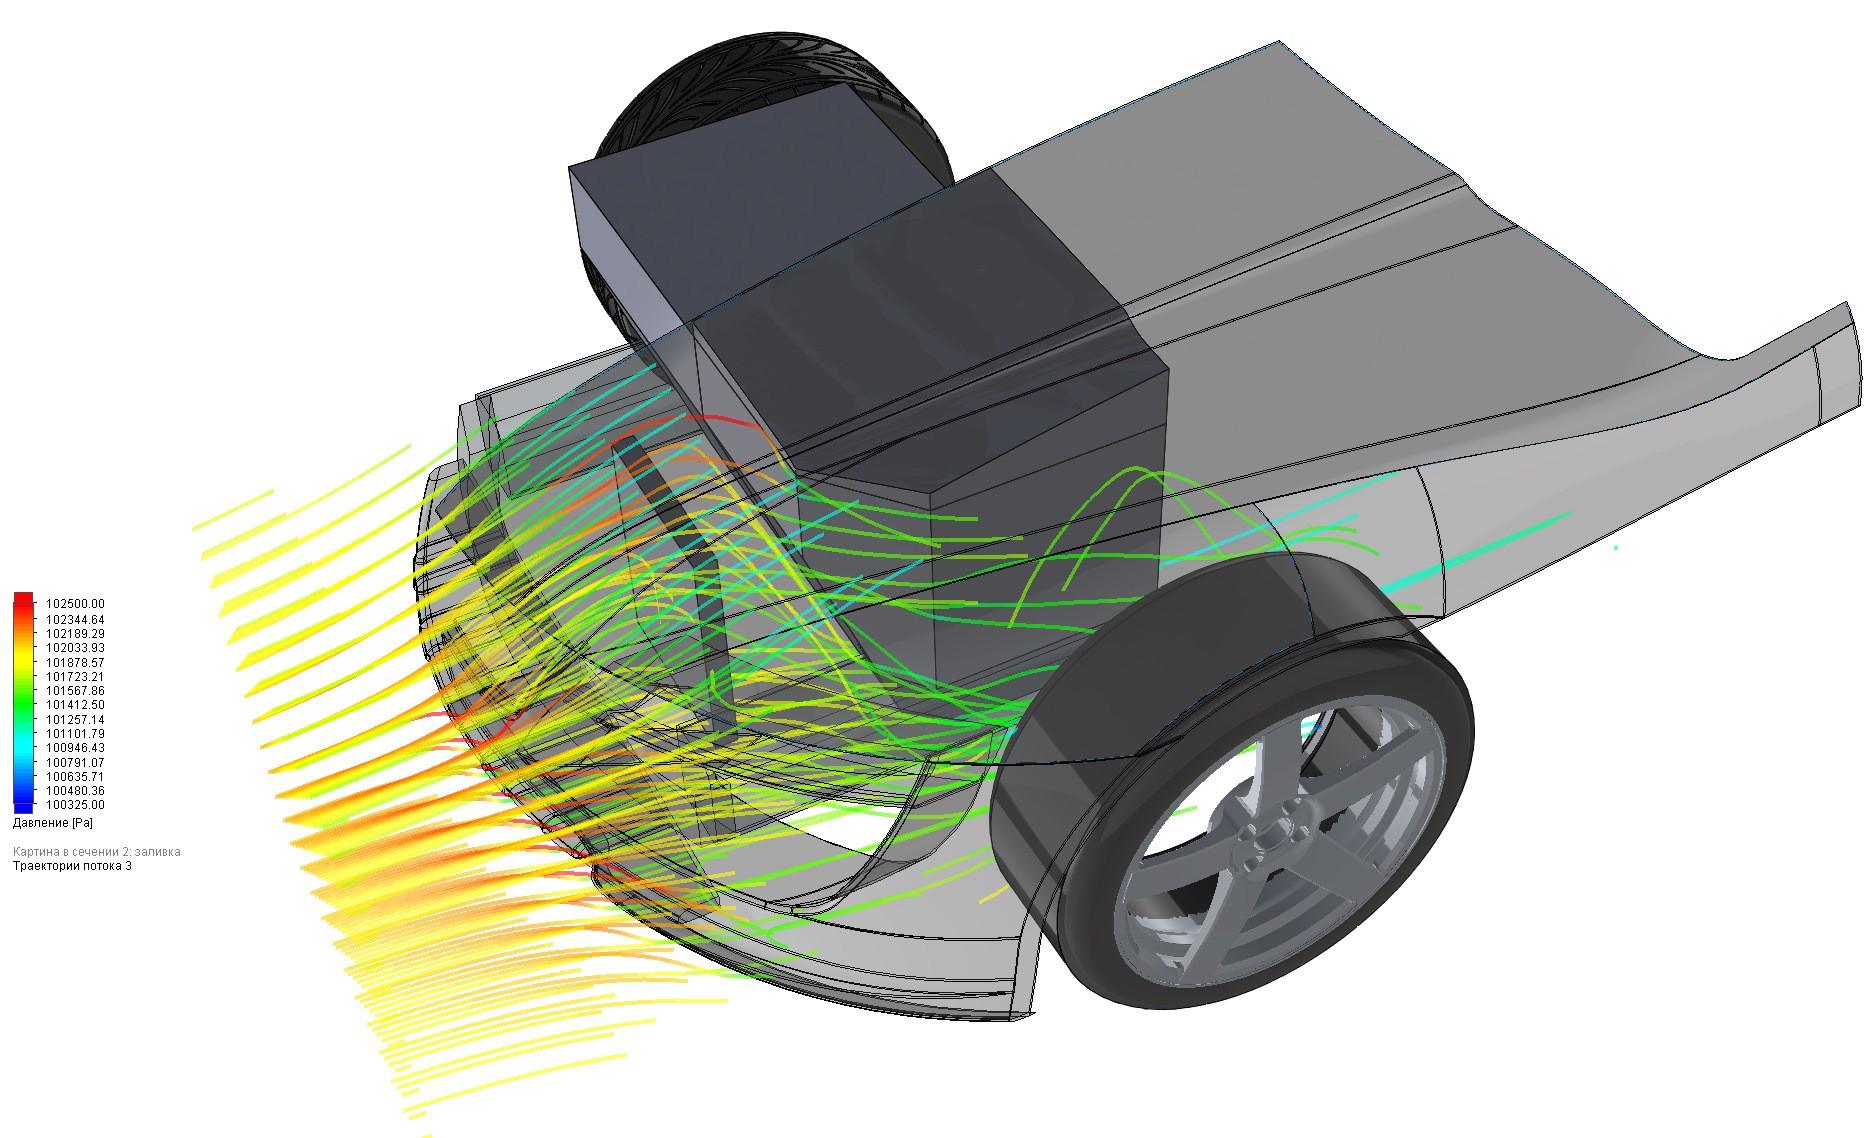 Аэродинамический расчёт. Визуализация давления потоков воздуха при скорости автомобиля 40 км/ч